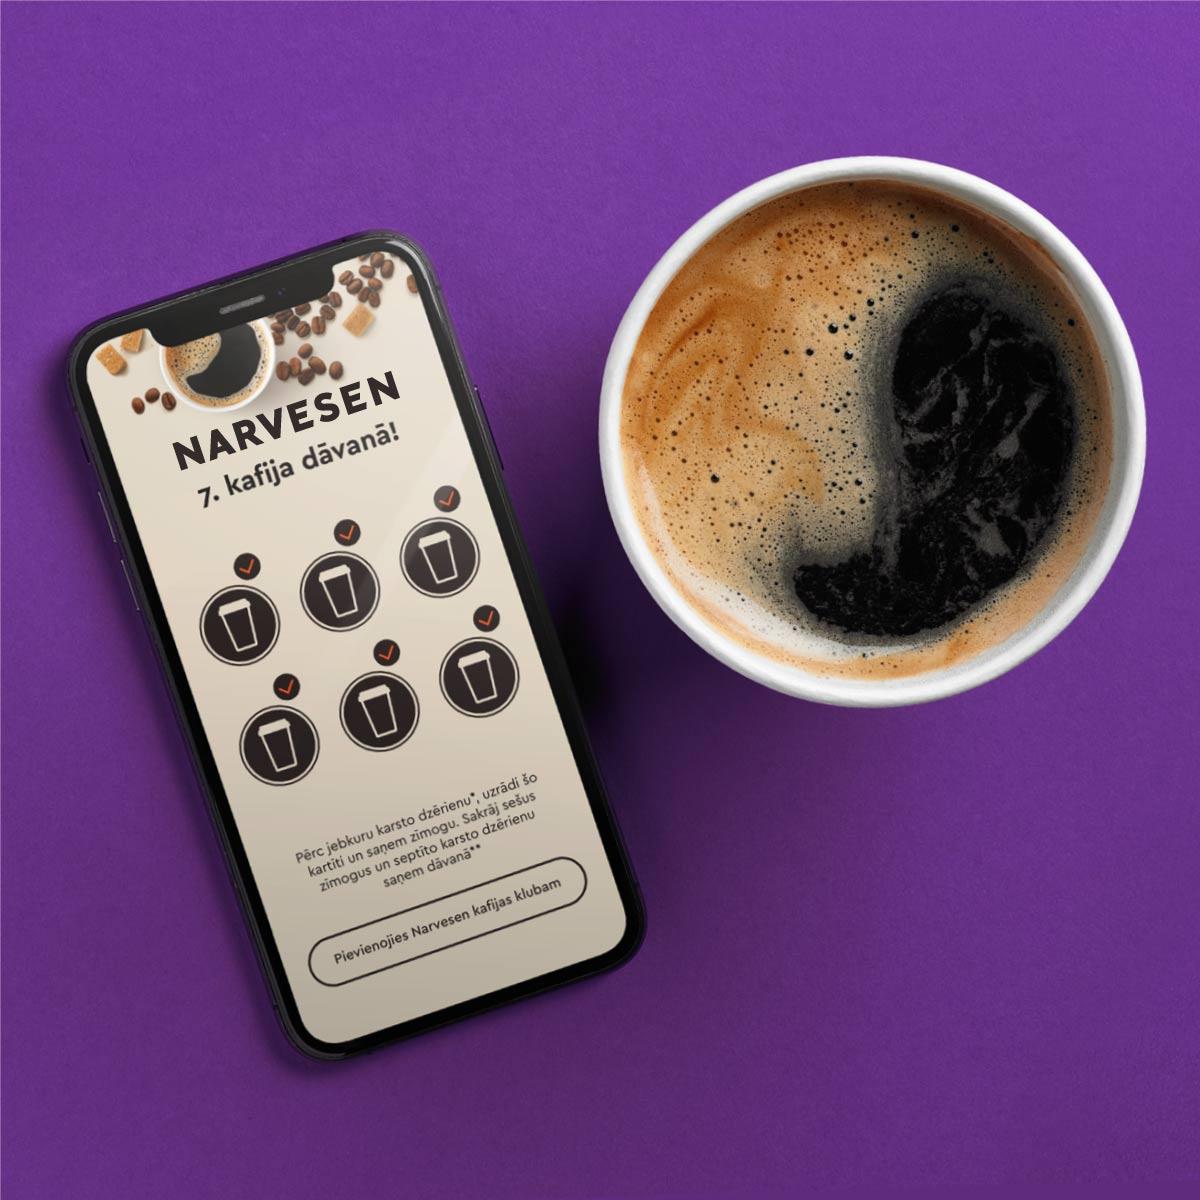 Собирай печати Narvesen в приложении PINS и получай 7-й кофе в подарок! image